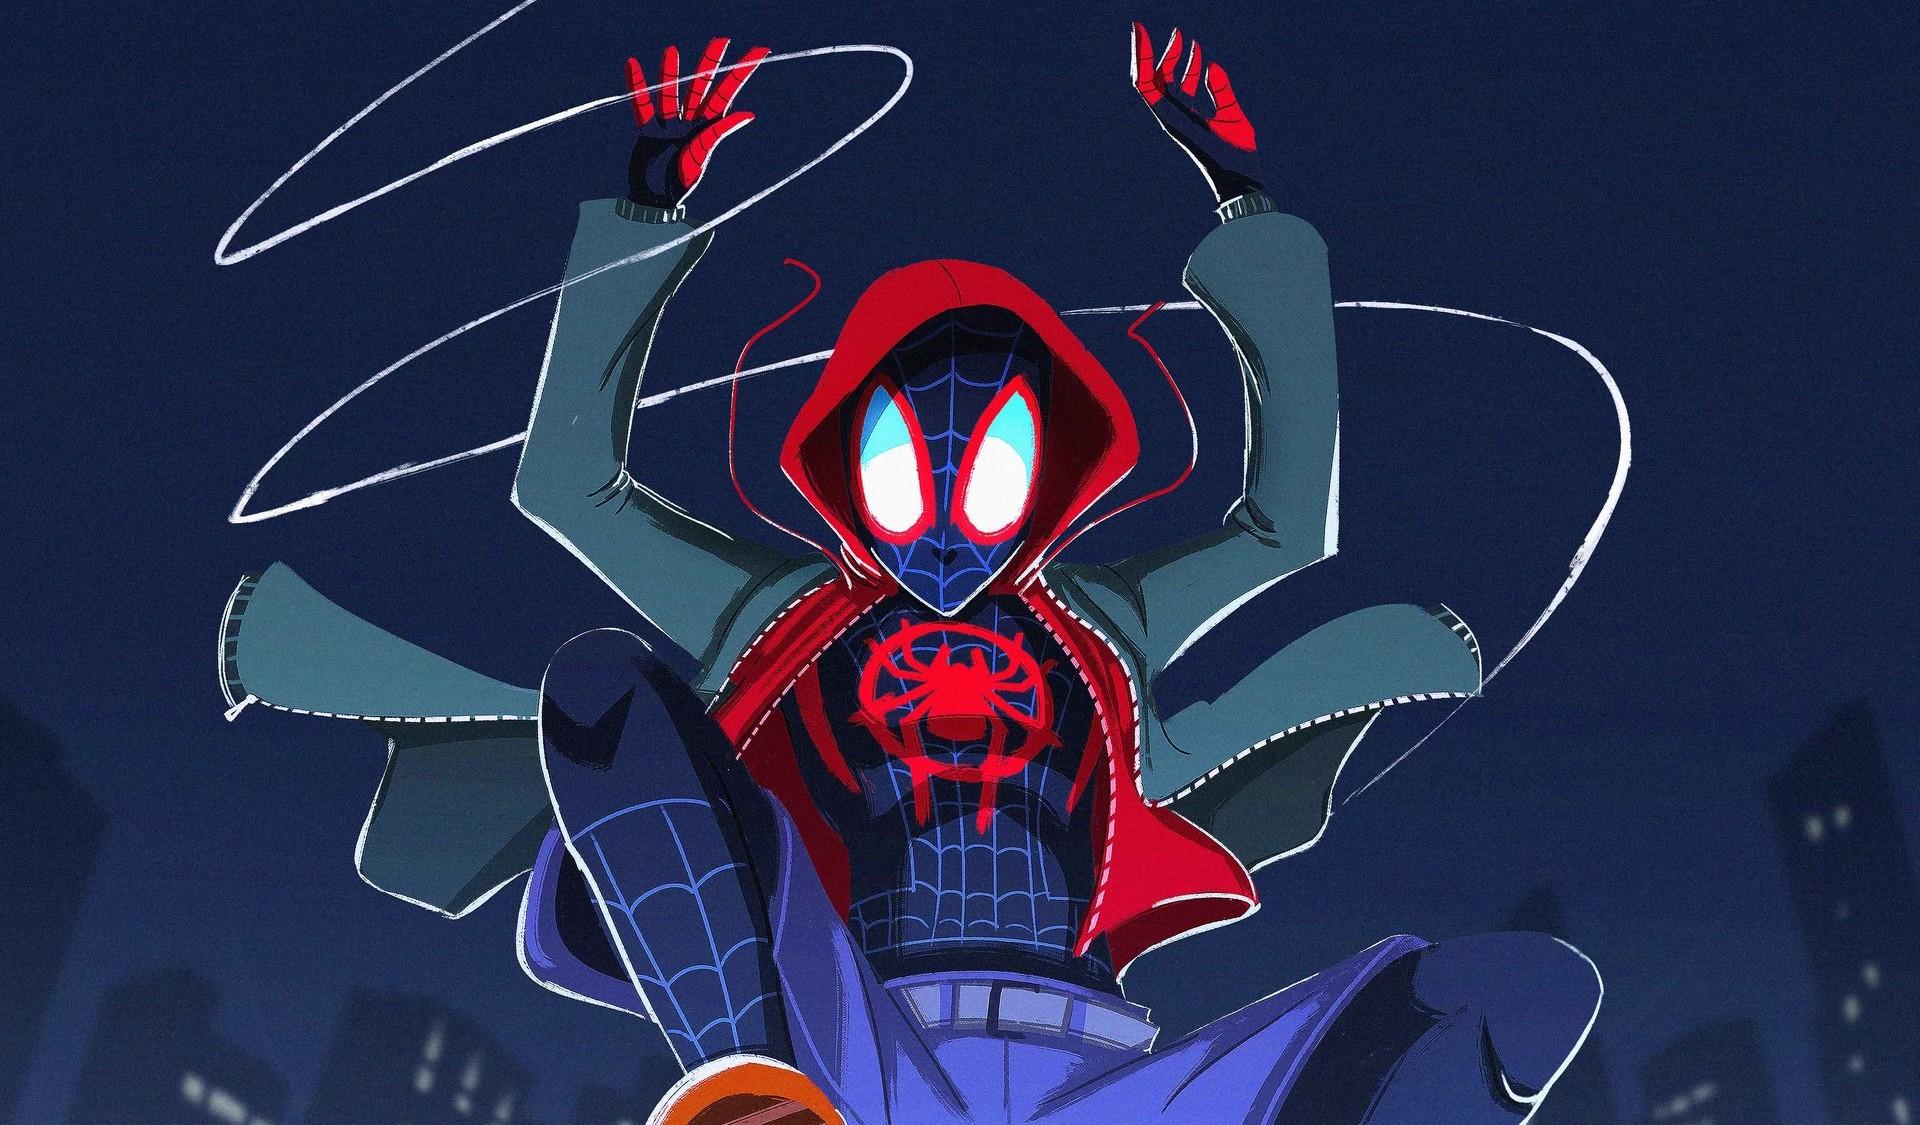 3840x2160 Spider Man Into The Spider Verse 2018 Fanart 4k